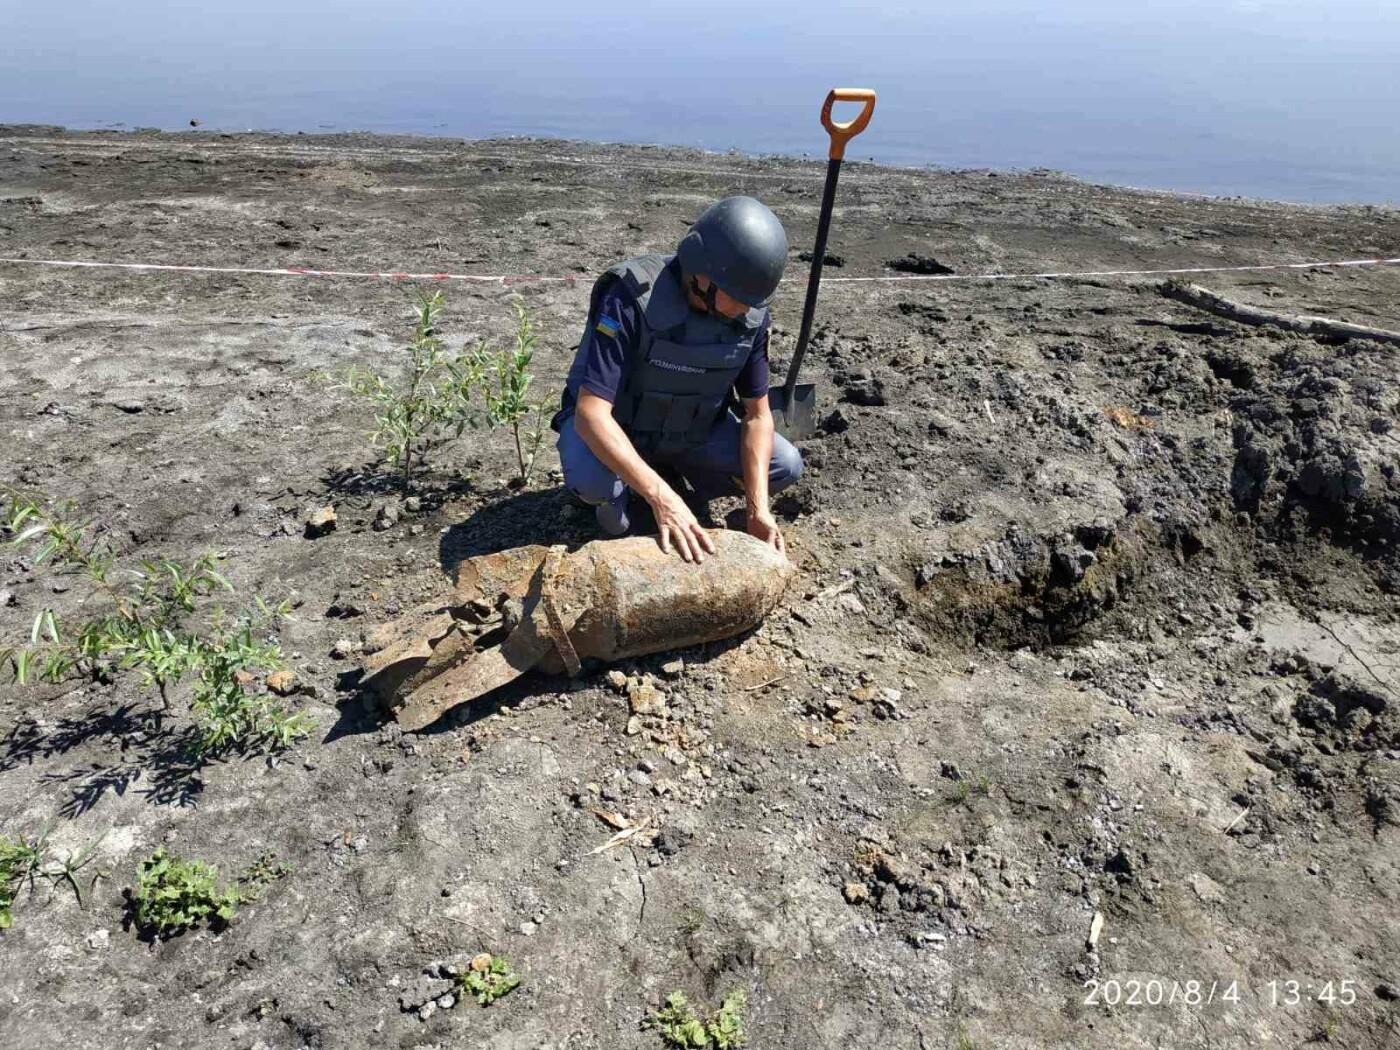 Дети нашли снаряд: на Лозовщине пиротехники  изъяли и обезвредили фугасную авиабомбу, фото-4